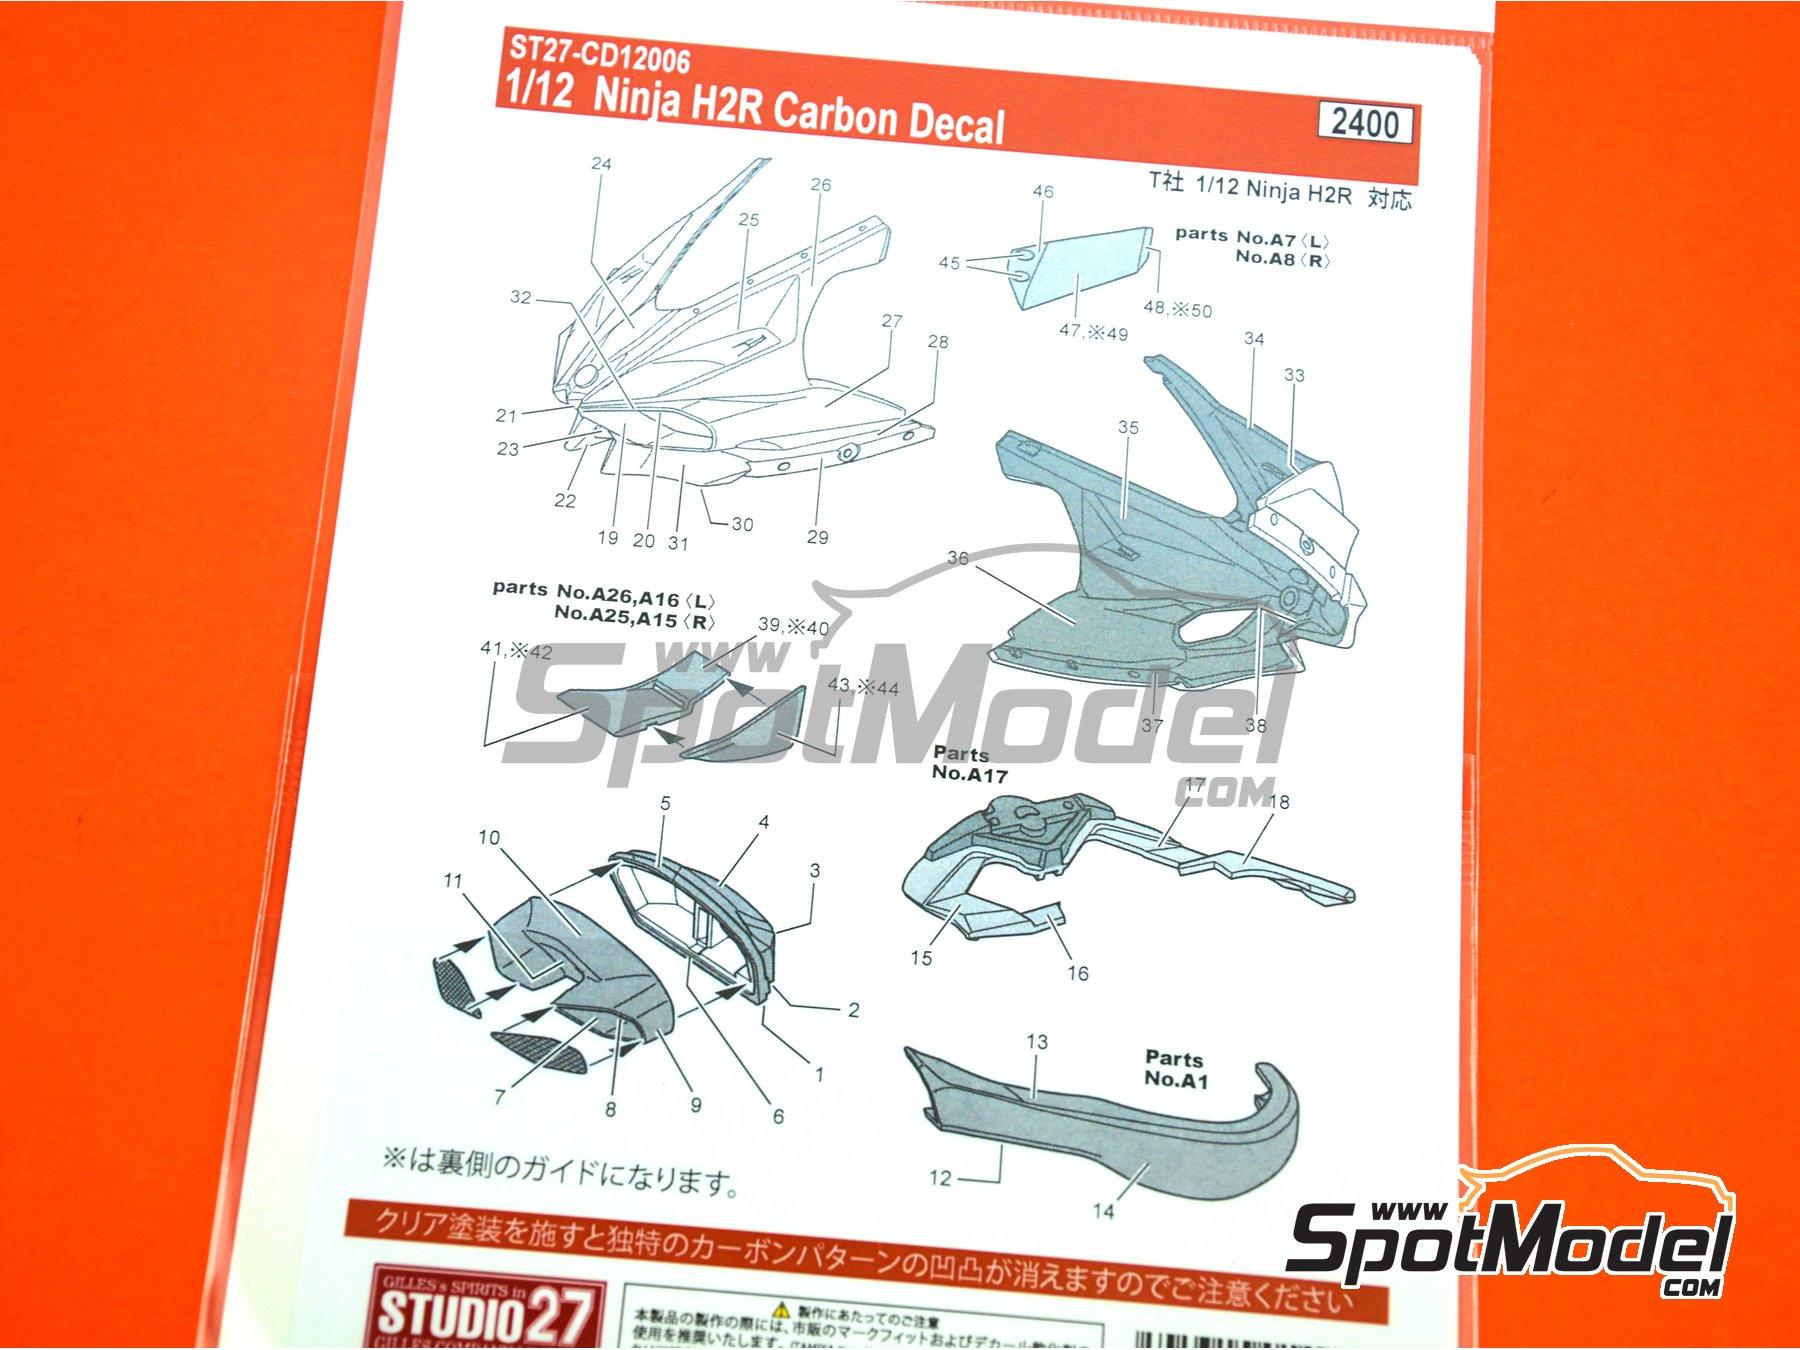 Image 12: Kawasaki Ninja H2R | Patron de fibra de carbono en calca en escala1/12 fabricado por Studio27 (ref.ST27-CD12006)